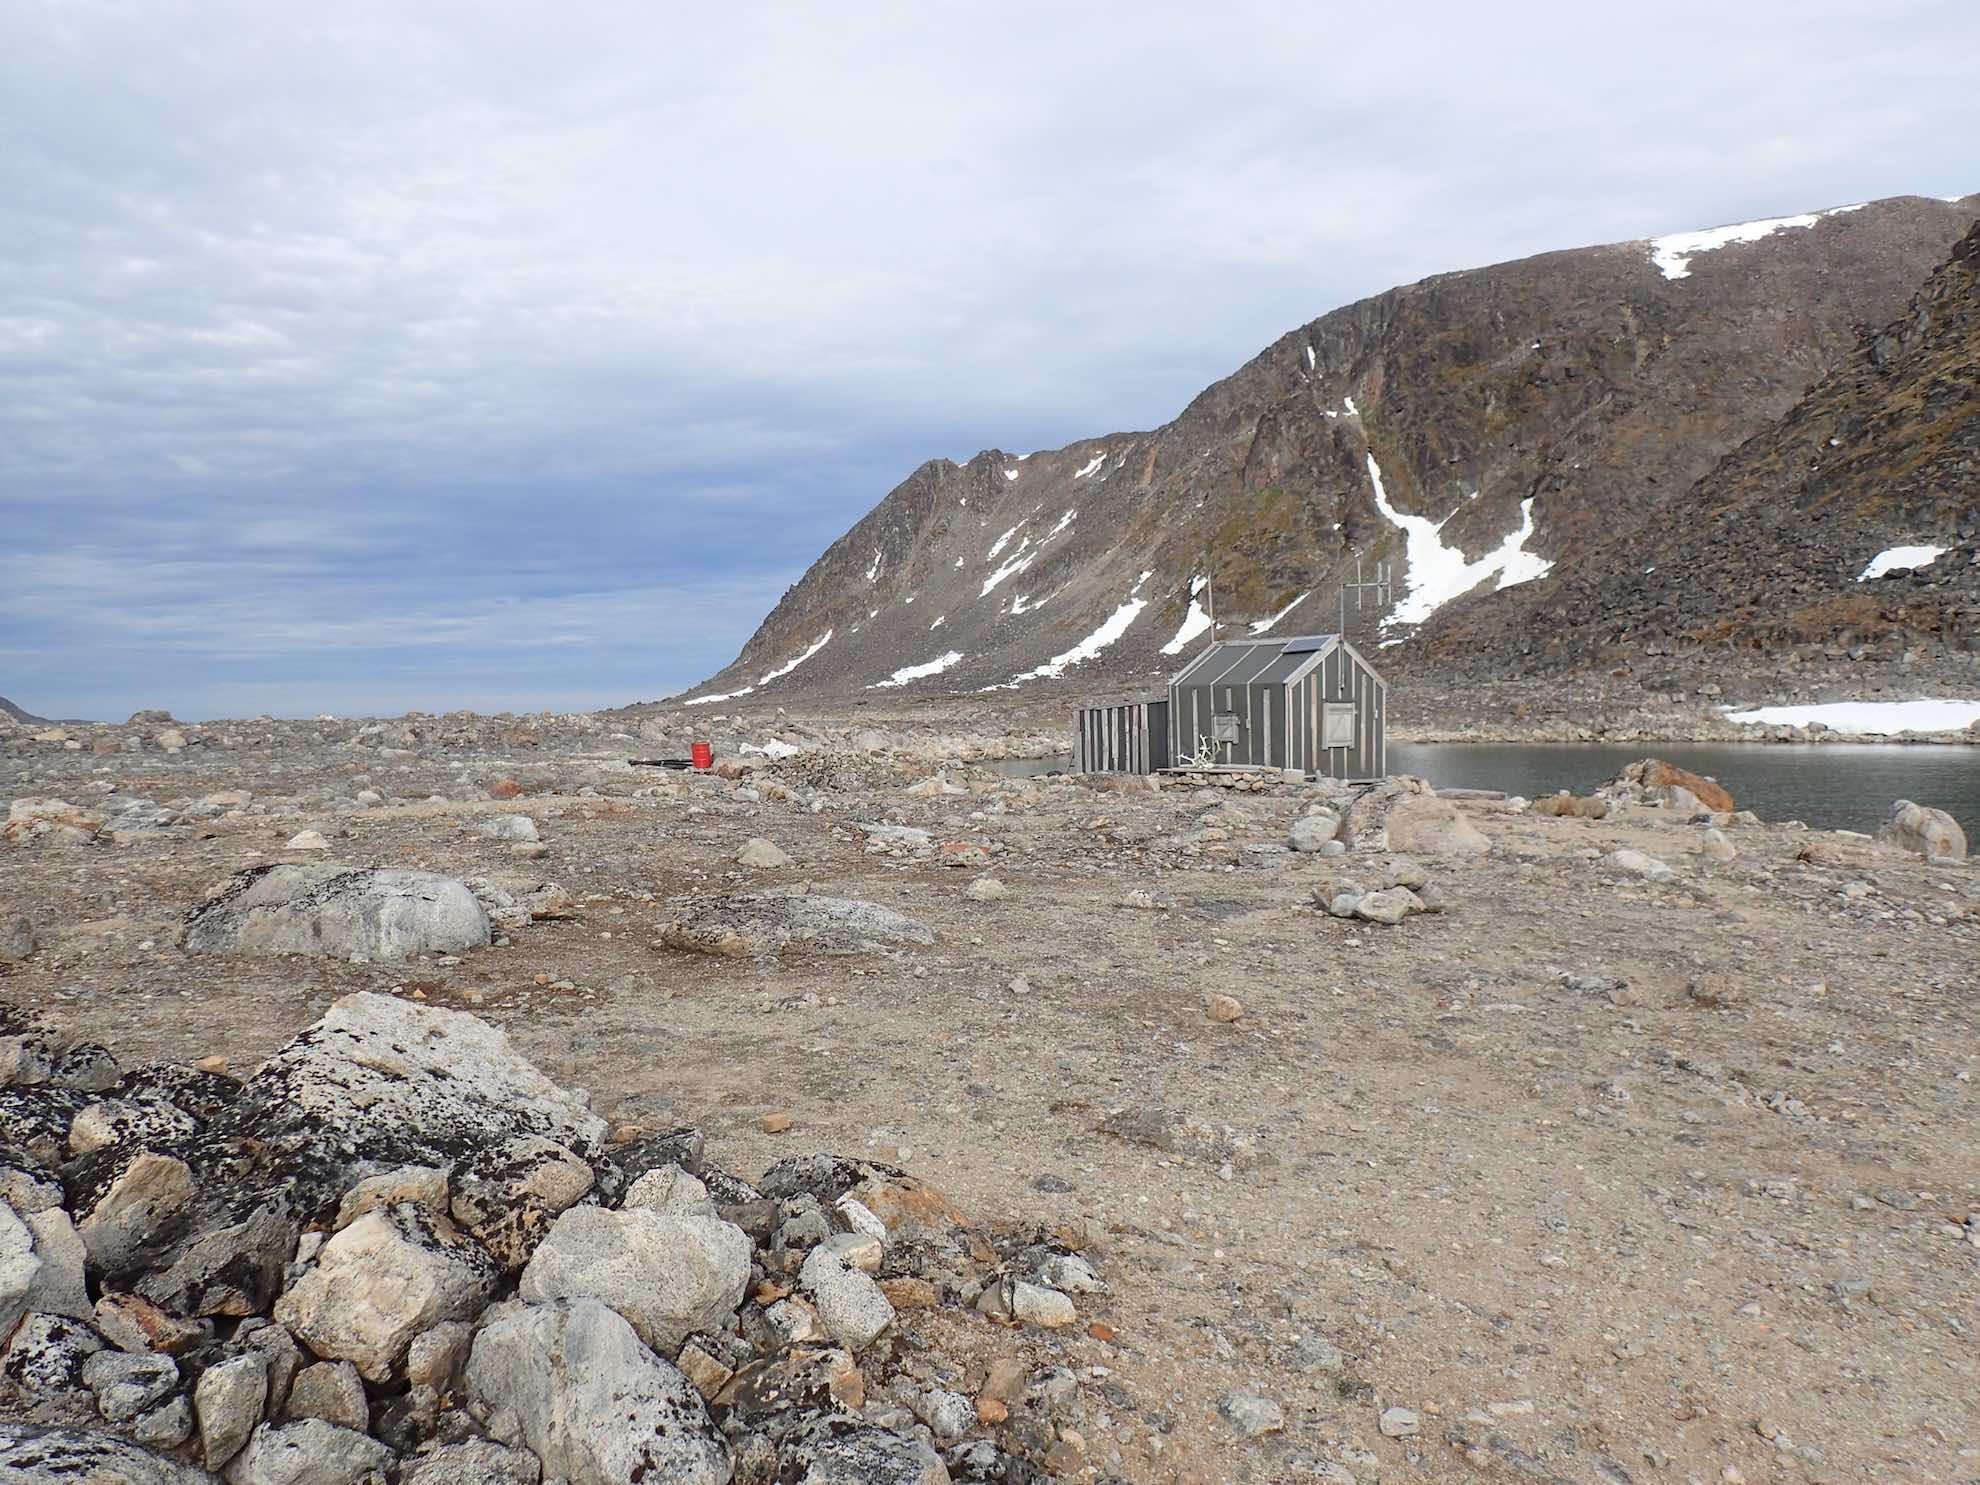 Beim späten Landgang am Strand von Sallyhamna finden wir wieder einmal Reste der einstigen Walfang-Infrastruktur.